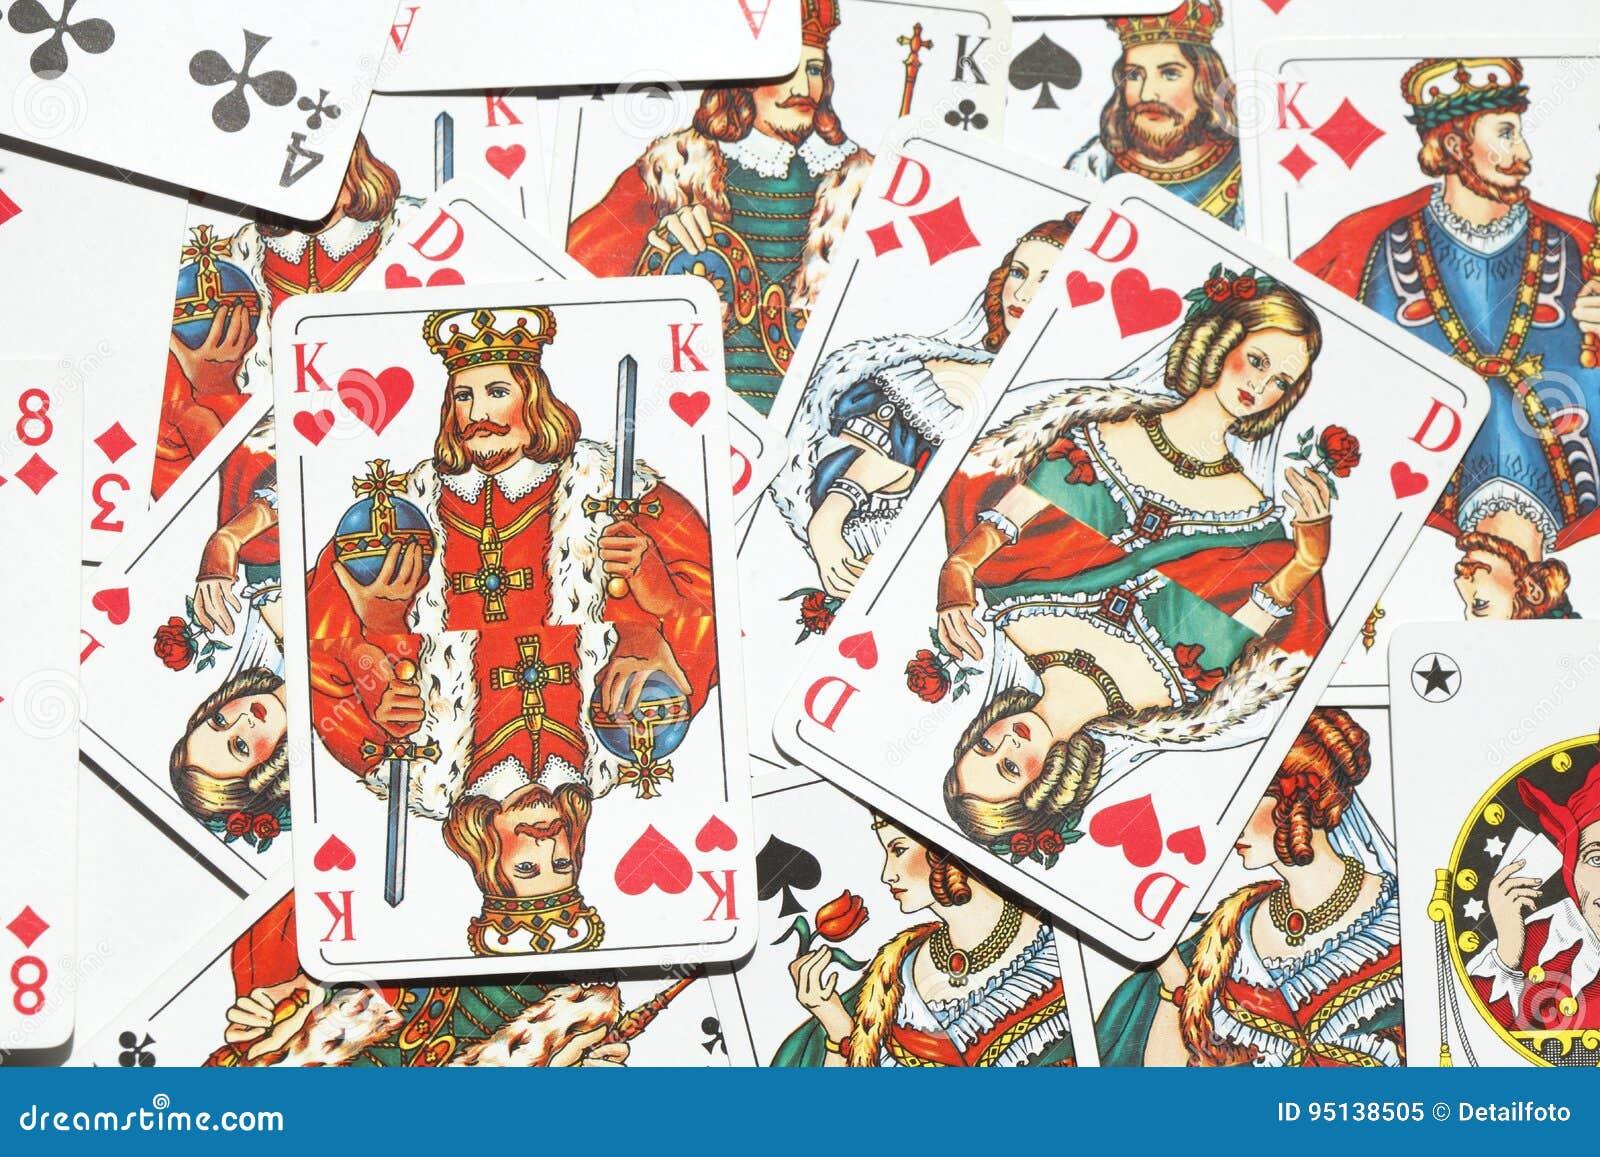 Spielkarten Kartenspiel Stockbild Bild Von Rummy Europa 95138505